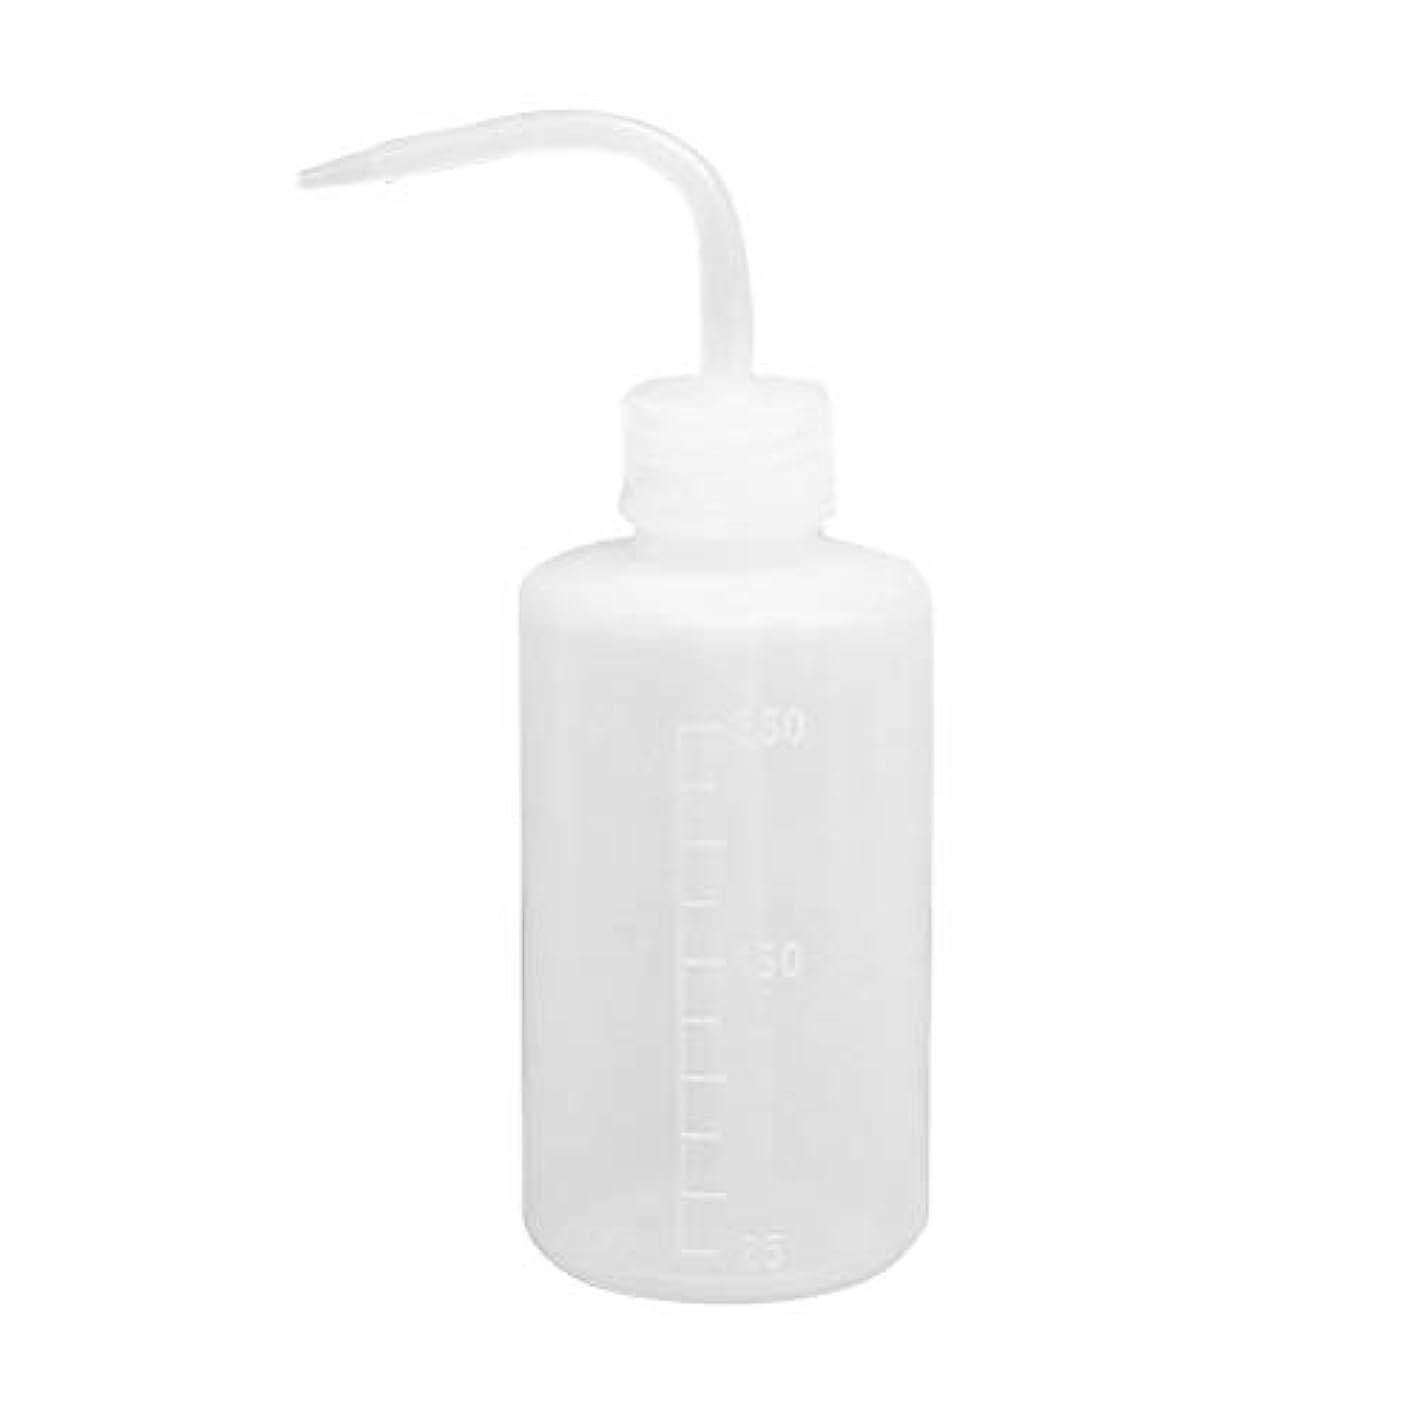 統計的リハーサル傷つけるHealifty ベント口付き洗浄瓶絞り瓶250ml